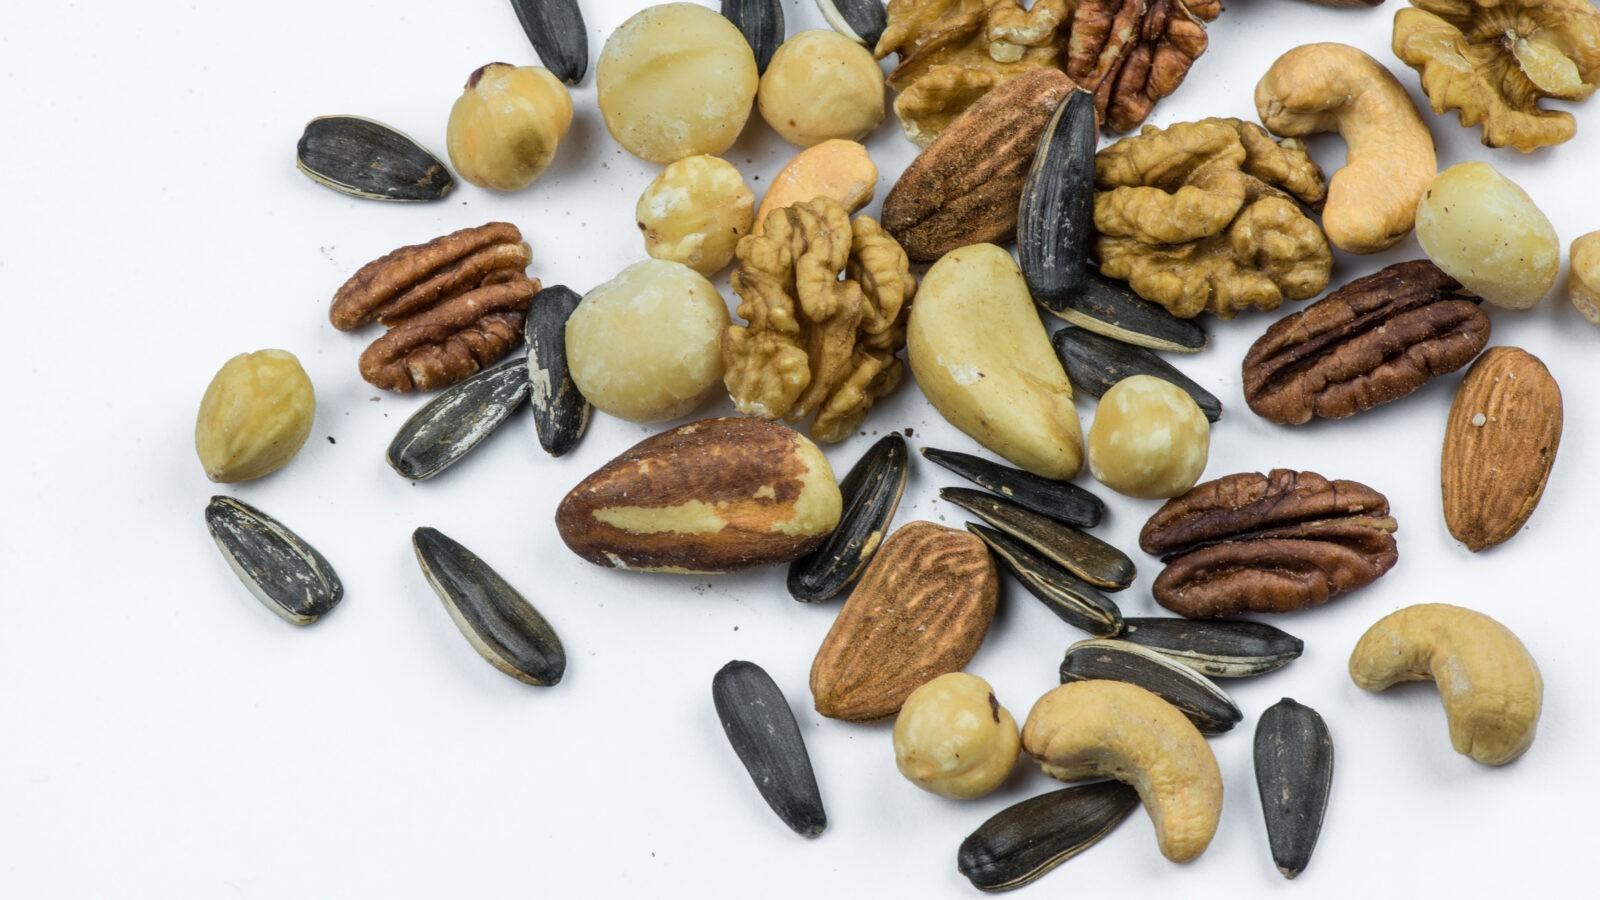 6 ξηροί καρποί σύμμαχοι της καλής υγείας